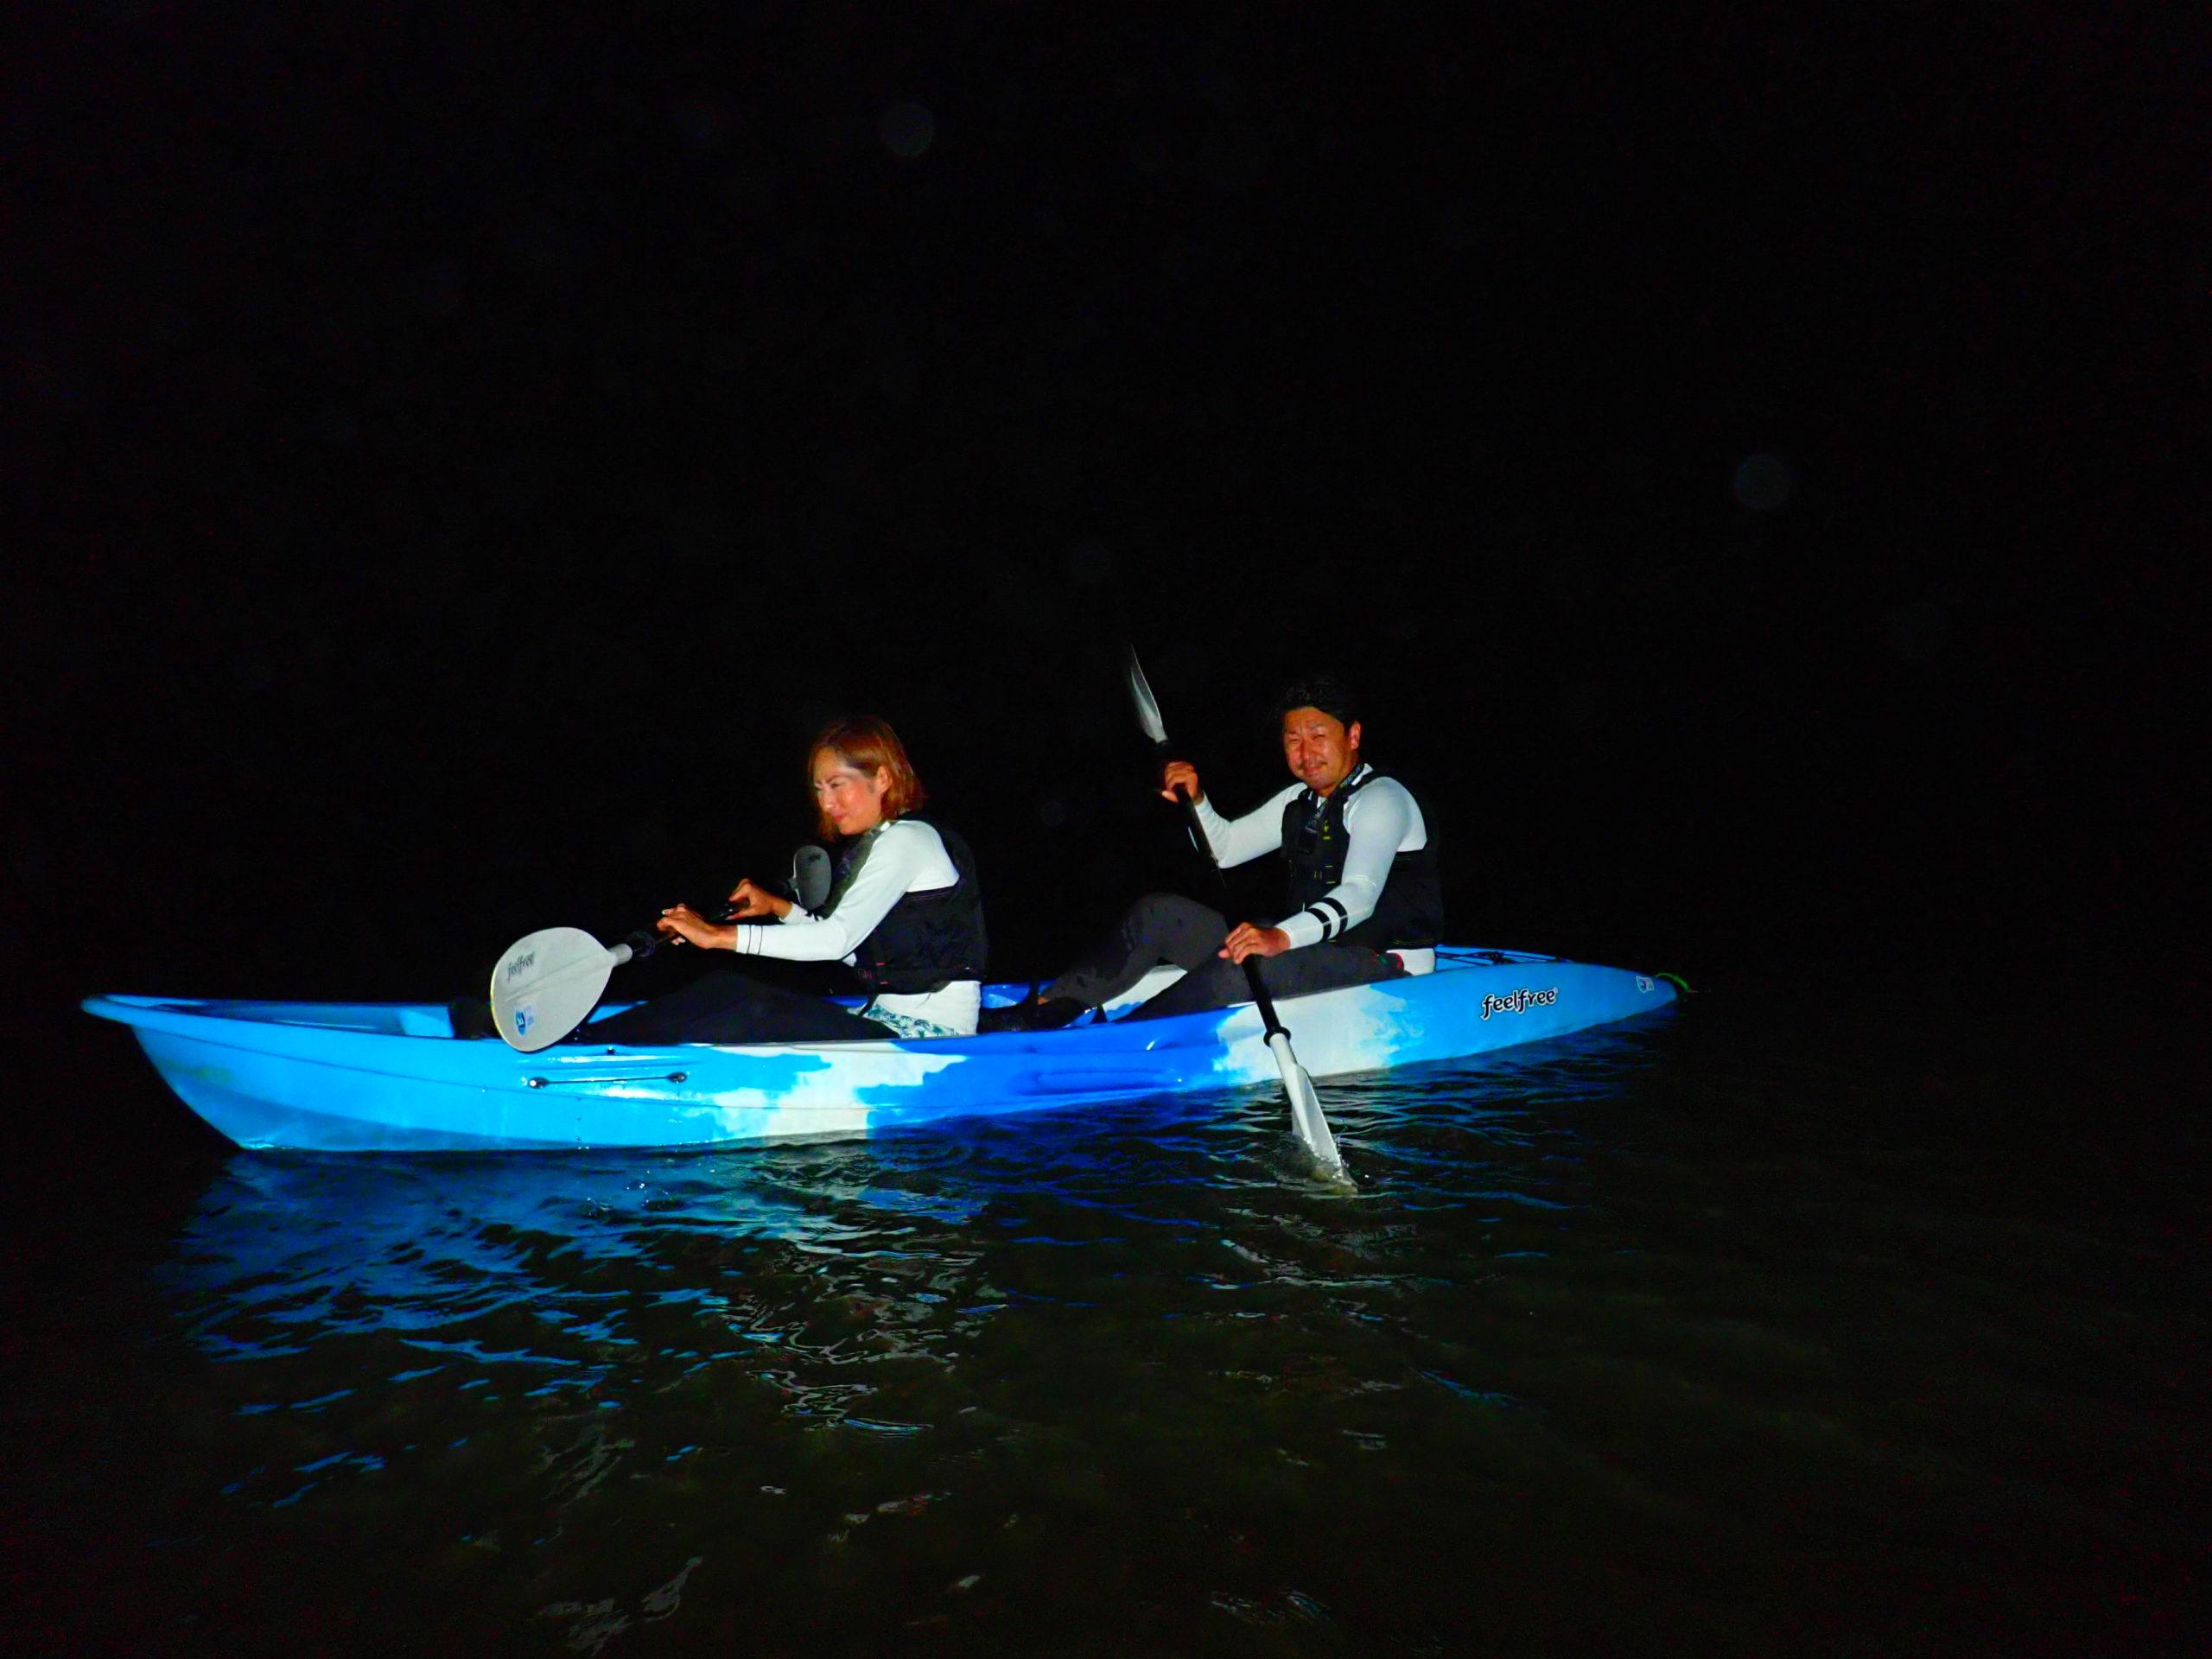 【石垣島】夜の静寂の中の新体験!ナイトマングローブ&星空カヌー(No.331)